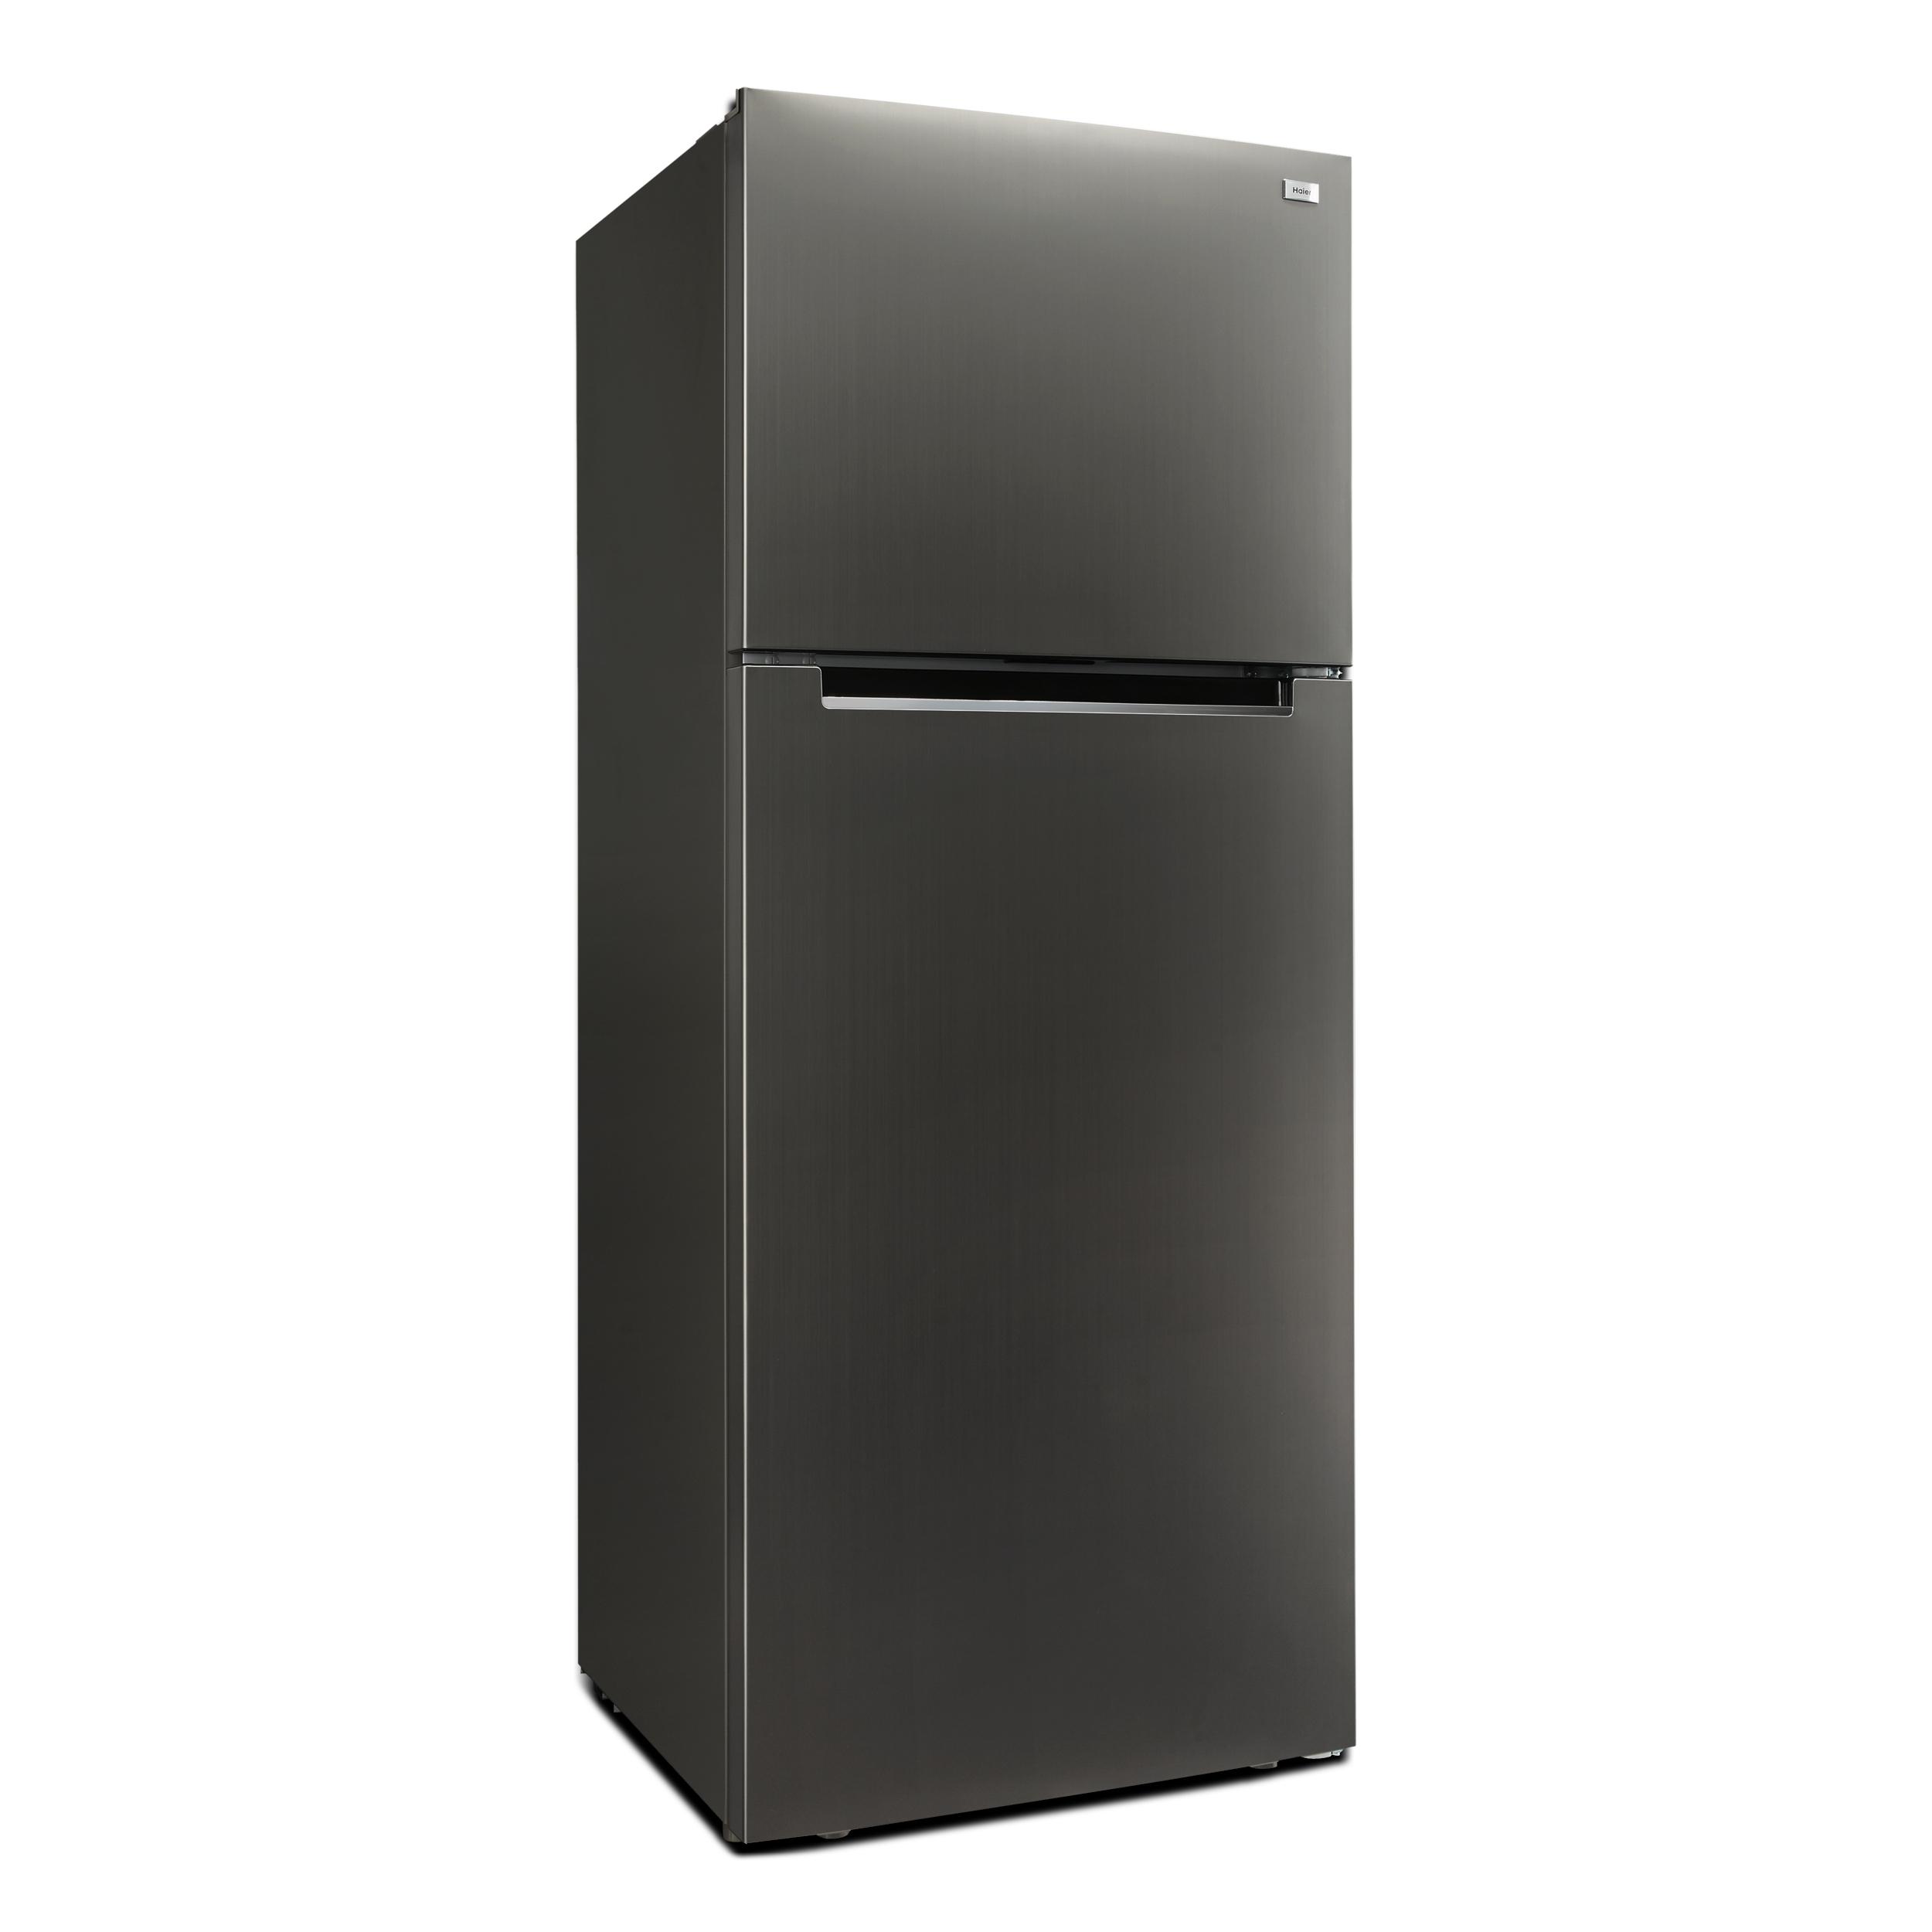 하이얼 성에방지 간냉식 일반냉장고 425L 방문설치, HRT453MNM